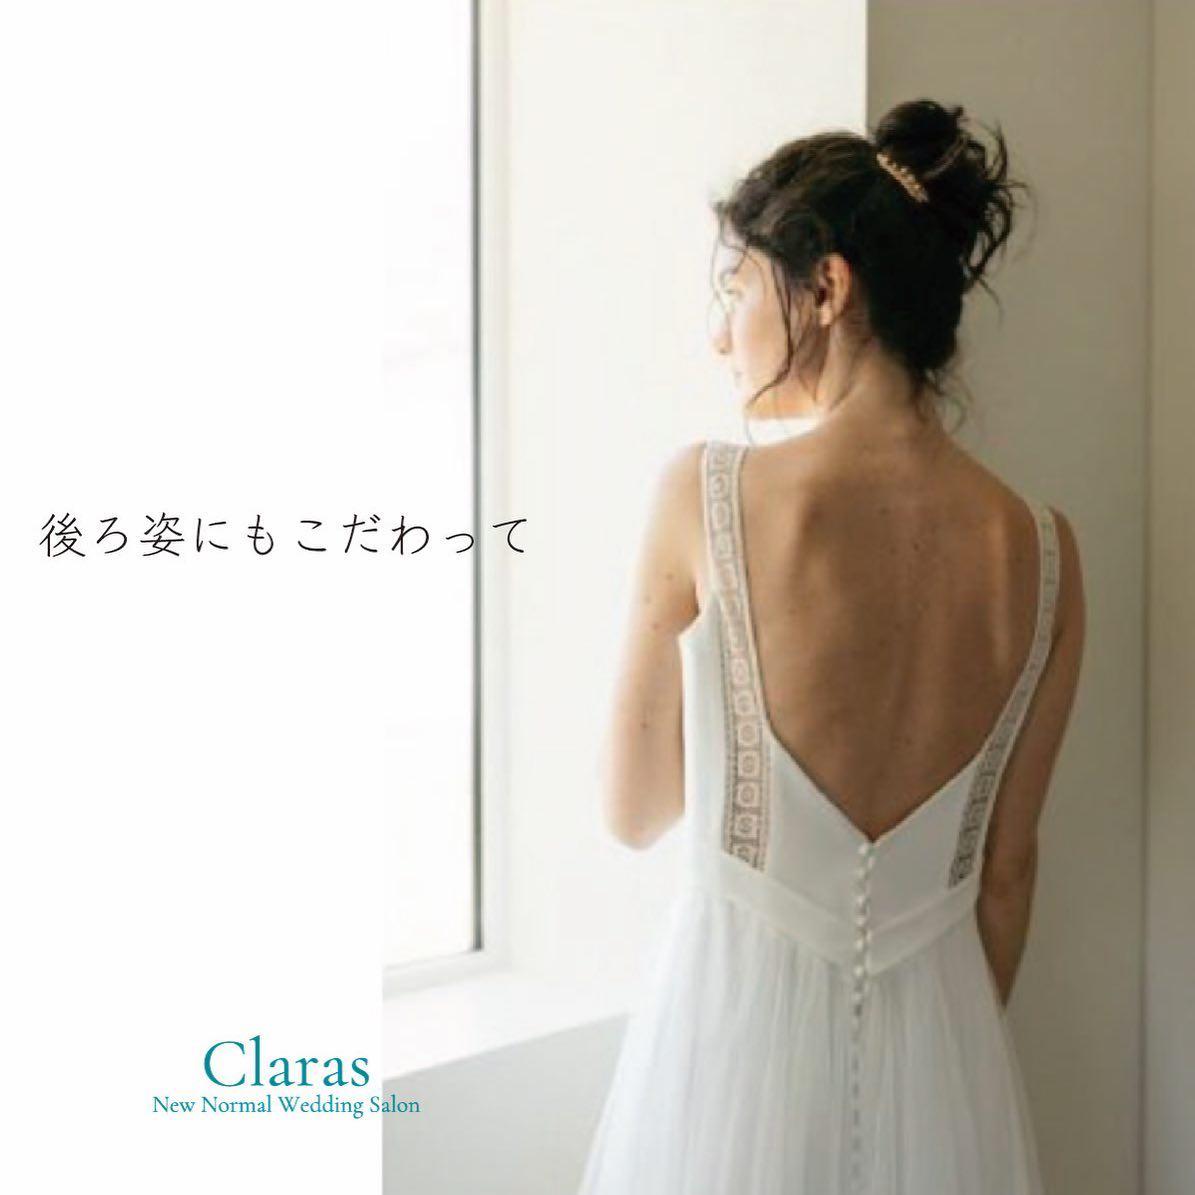 """🕊後ろ姿にもこだわって🕊360度美しく見えるデザインを選んで🤍Clarasはそんなドレスを提案します・本当のドレス選びの楽しさを感じて欲しい・インポートドレスを適正価格でお届けするのがClaras・レンタルでは叶わない繊細で上質な素材も、ジャストサイズだから再現できるデザイン美も・Parisに関連会社があるからこそ直輸入での適正価格が叶う・Clarasは1組ずつ貸切でご案内寛ぎながら本当にその方に合った1着へと導きます自分だけのための1着を選びに来てください🤍結婚式やフォトなど迷ってる方でもまずはClarasへ🕊・長年様々なウエディングに携わってきたClarasスタッフより、細かなカウンセリングを行い的確ななご提案をさせていただきますご予約はDMからでも承れます・New Normal Wedding Salon""""Claras""""https://claras.jp/・about """"Claras""""…(ラテン語で、明るい·輝く)As(明日· 未来, フランス語て最高、一番) ・明るく輝く明日(未来) に貢献したいという想いを込めています🕊Fashionの都Parisをはじめ、欧米から選りすぐりのドレスをこれから出逢う花嫁のために取揃えました・2021.3.7 (Sun)NEW OPEN・Dressから始まるWedding Story""""憧れていた Dress選びから始まる結婚準備があったっていい""""・さまざまな新しい「価値」を創造し発信していきますこれからの新しい Wedding の常識を""""Claras """"から🕊・New Normal Wedding Salon【Claras】〒107-0061 東京都港区北青山2-9-14SISTER Bldg 1F(101) 東京メトロ銀座線 外苑前駅3番出ロより徒歩2分Tel:03 6910 5163HP: https://claras.jp営業時間:平日 12:00-18:00 土日祝11:00-18:00(定休日:月・火)・#wedding #weddingdress #instagood #instalike #claras #paris #vowrenewal#ウェディングドレス #プレ花嫁 #ドレス試着 #ドレス迷子 #婚約しました #オリジナルウェディング #結婚式  #ドレス選び #前撮り #インポートドレス #フォトウェディング #ウェディングヘア  #フォト婚 #ニューノーマル #ブライダルフォト #プロポーズ待ち#ウェディングドレス探し #ウェディングドレス試着 #セルドレス #ドレスショップ #バウリニューアル #運命のドレス"""